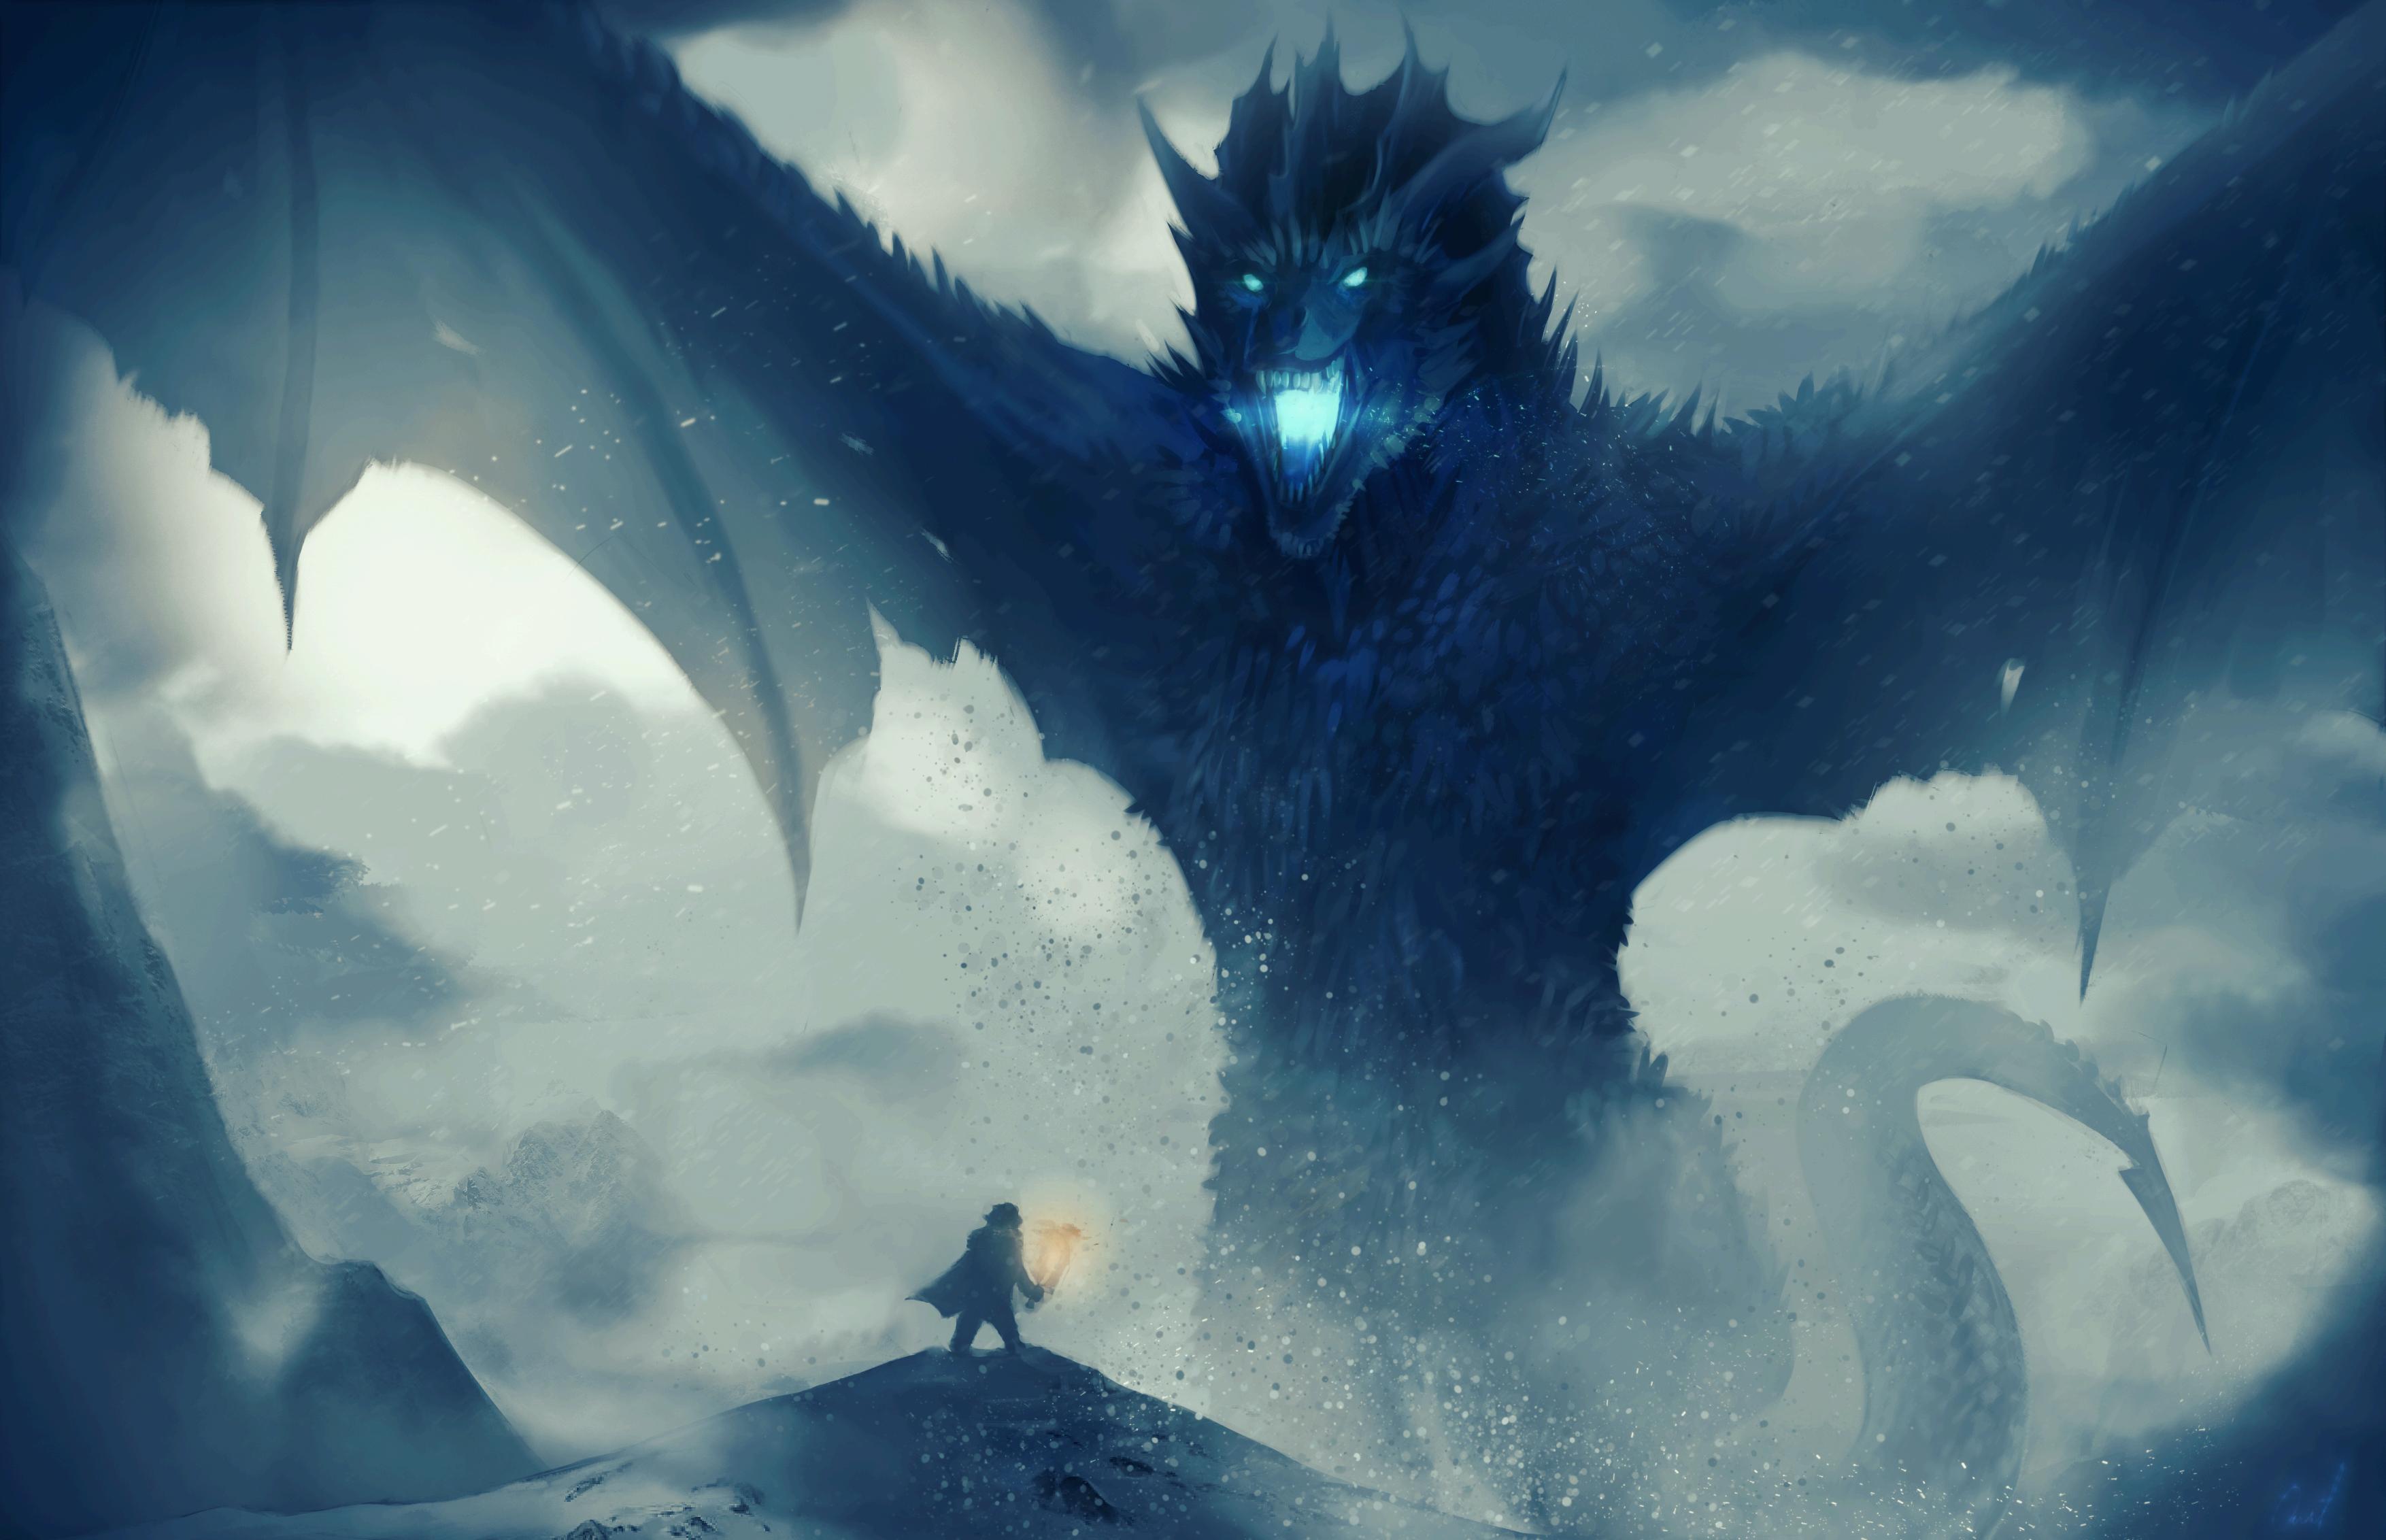 Dead Viserion against Jon Snow